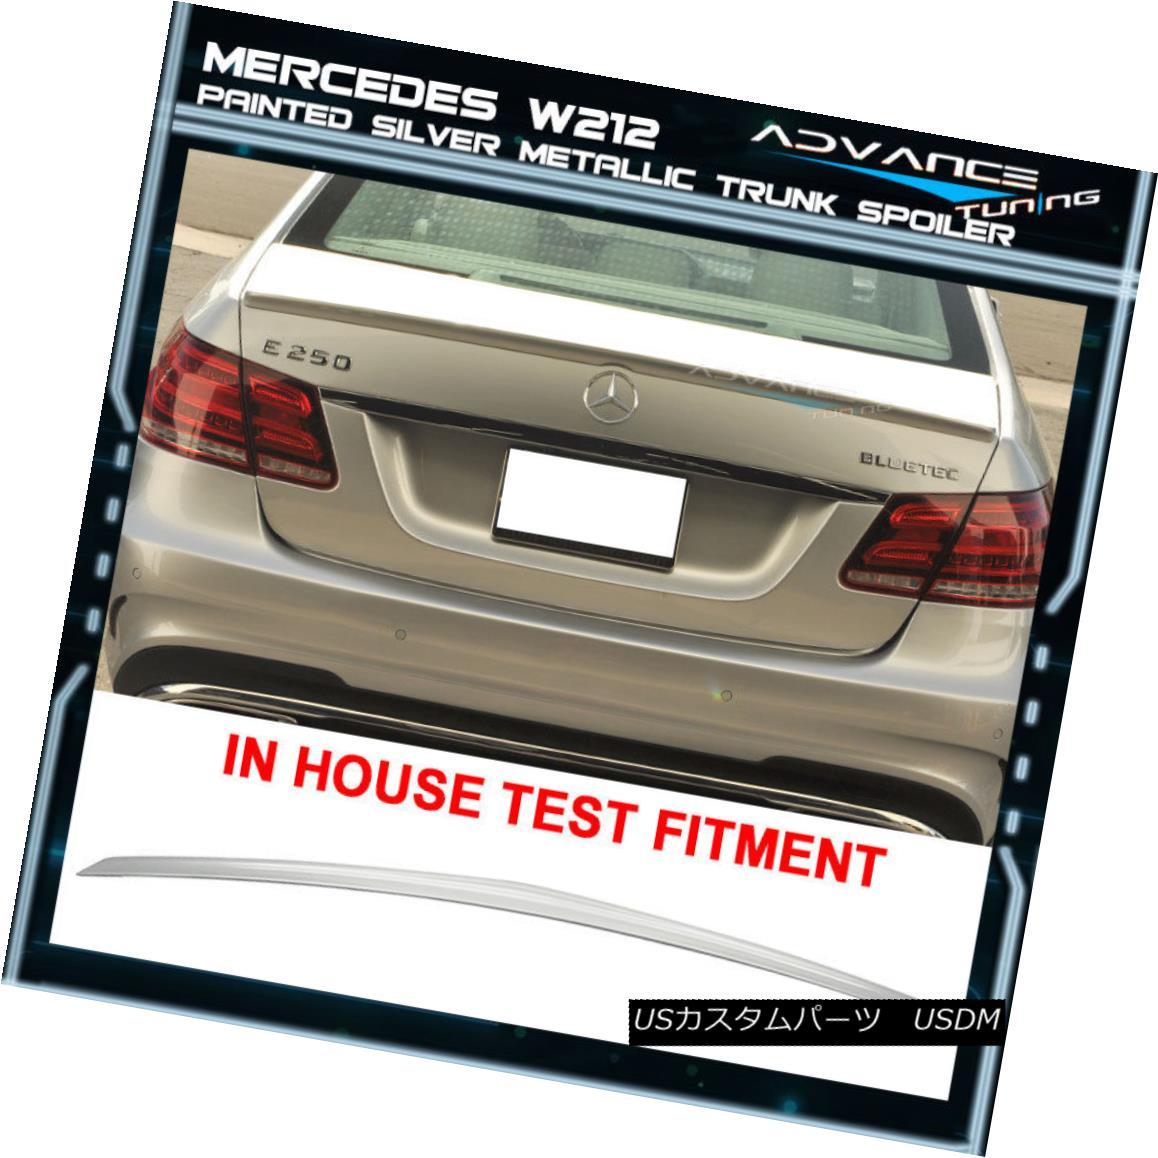 エアロパーツ 10-16 Benz E W212 Trunk Spoiler OEM Painted Color # 744 775 Silver Metallic 10-16ベンツE W212トランク・スポイラーOEM塗装カラー#744 775シルバー・メタリック